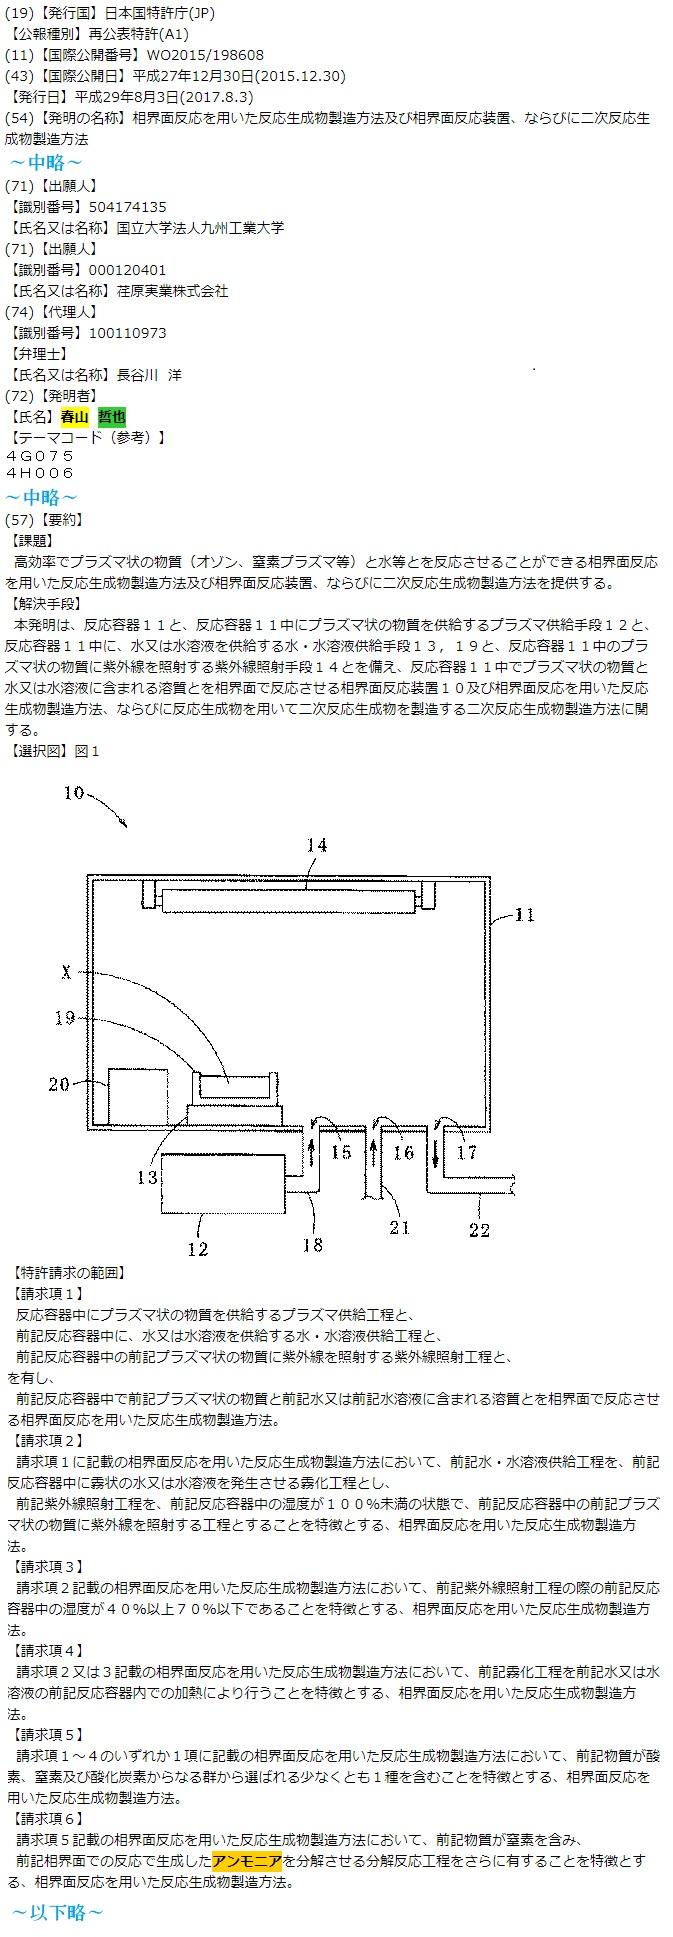 20190121荏原特許